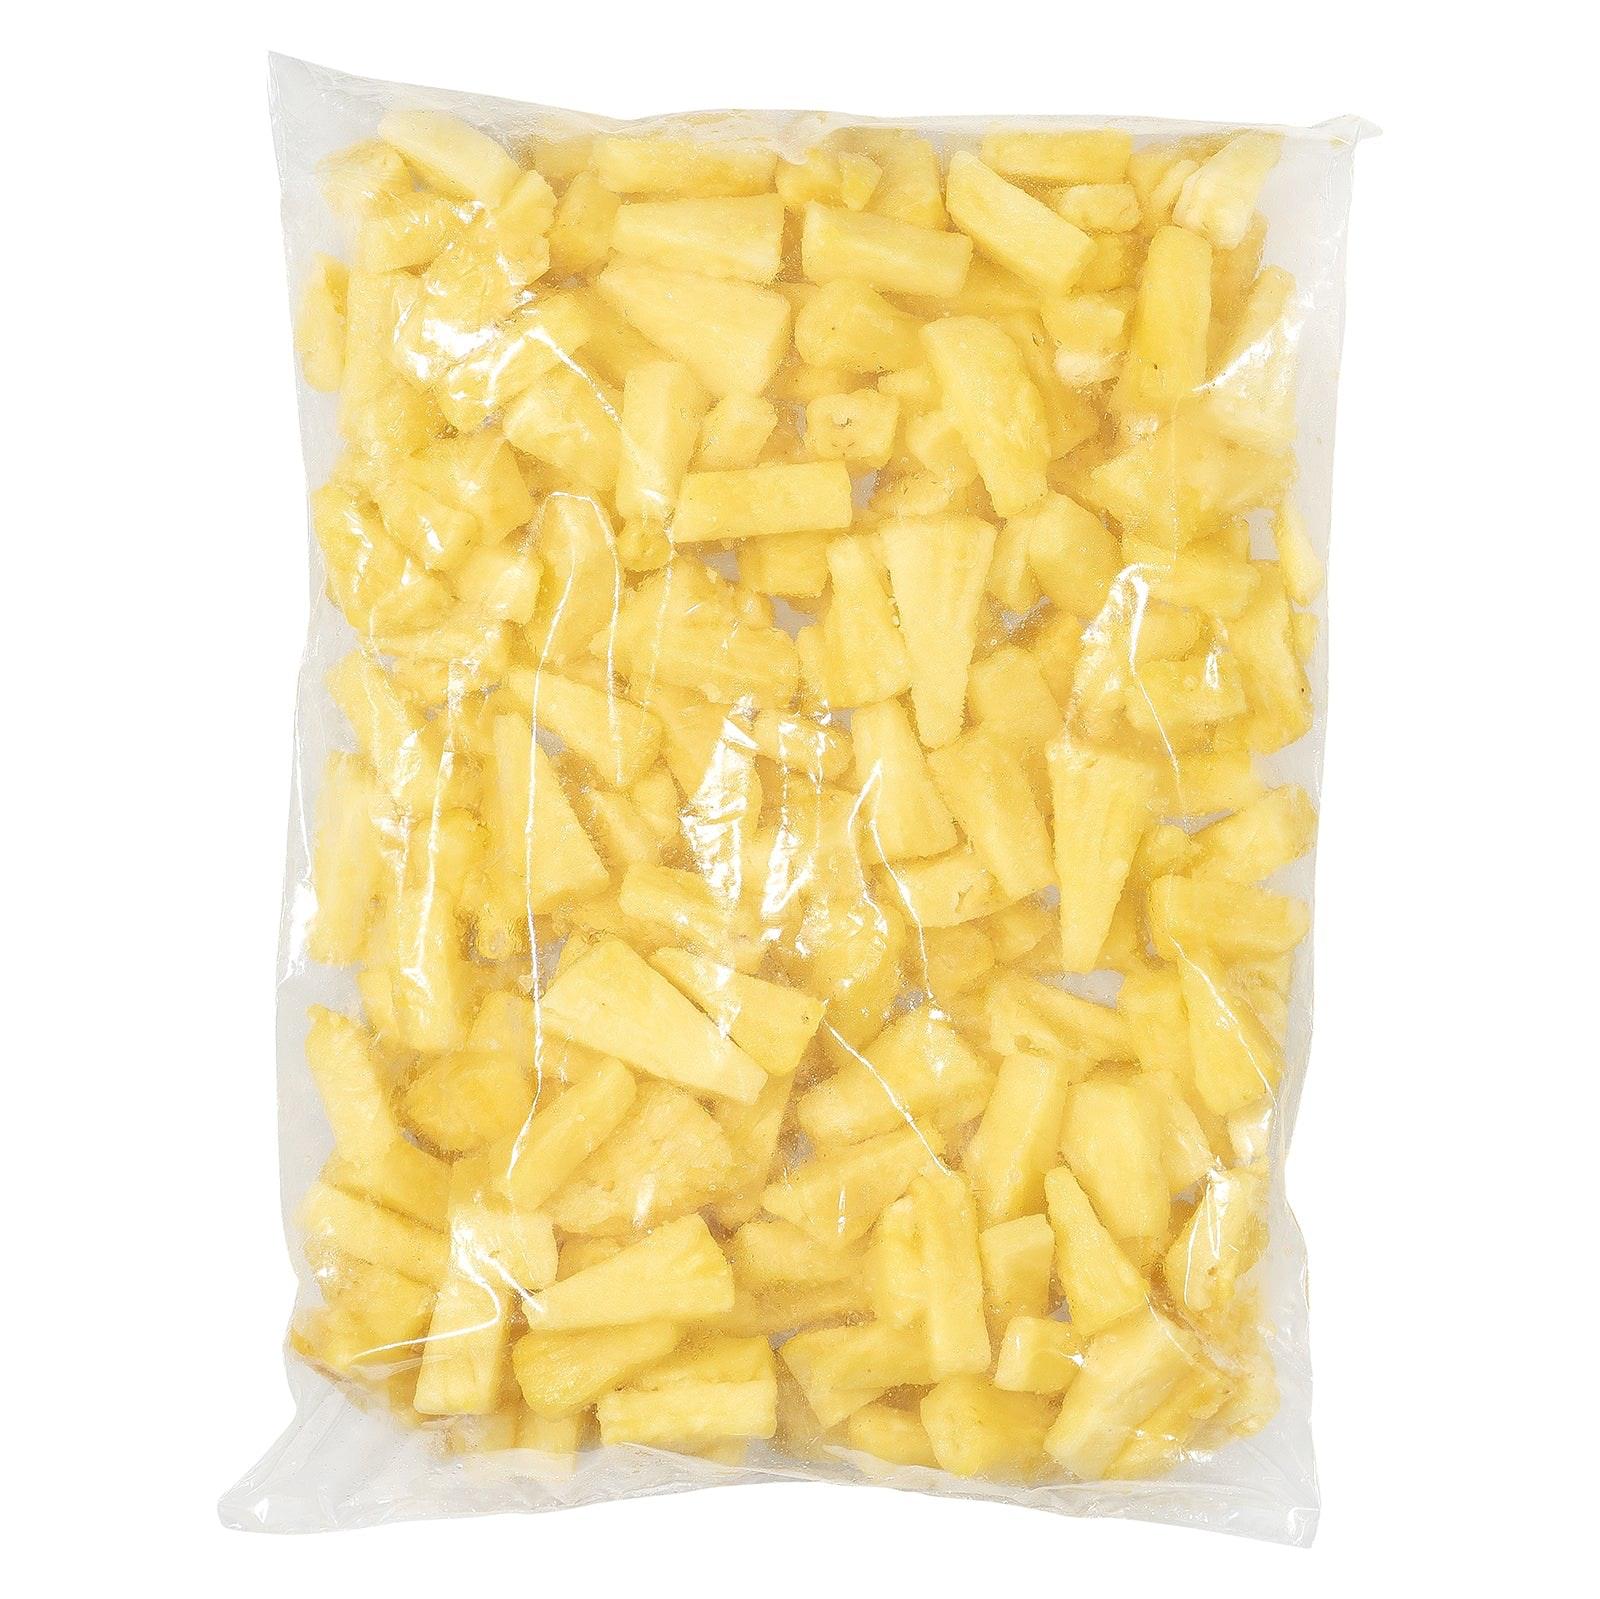 BELOW ZERO Pineapple chunks